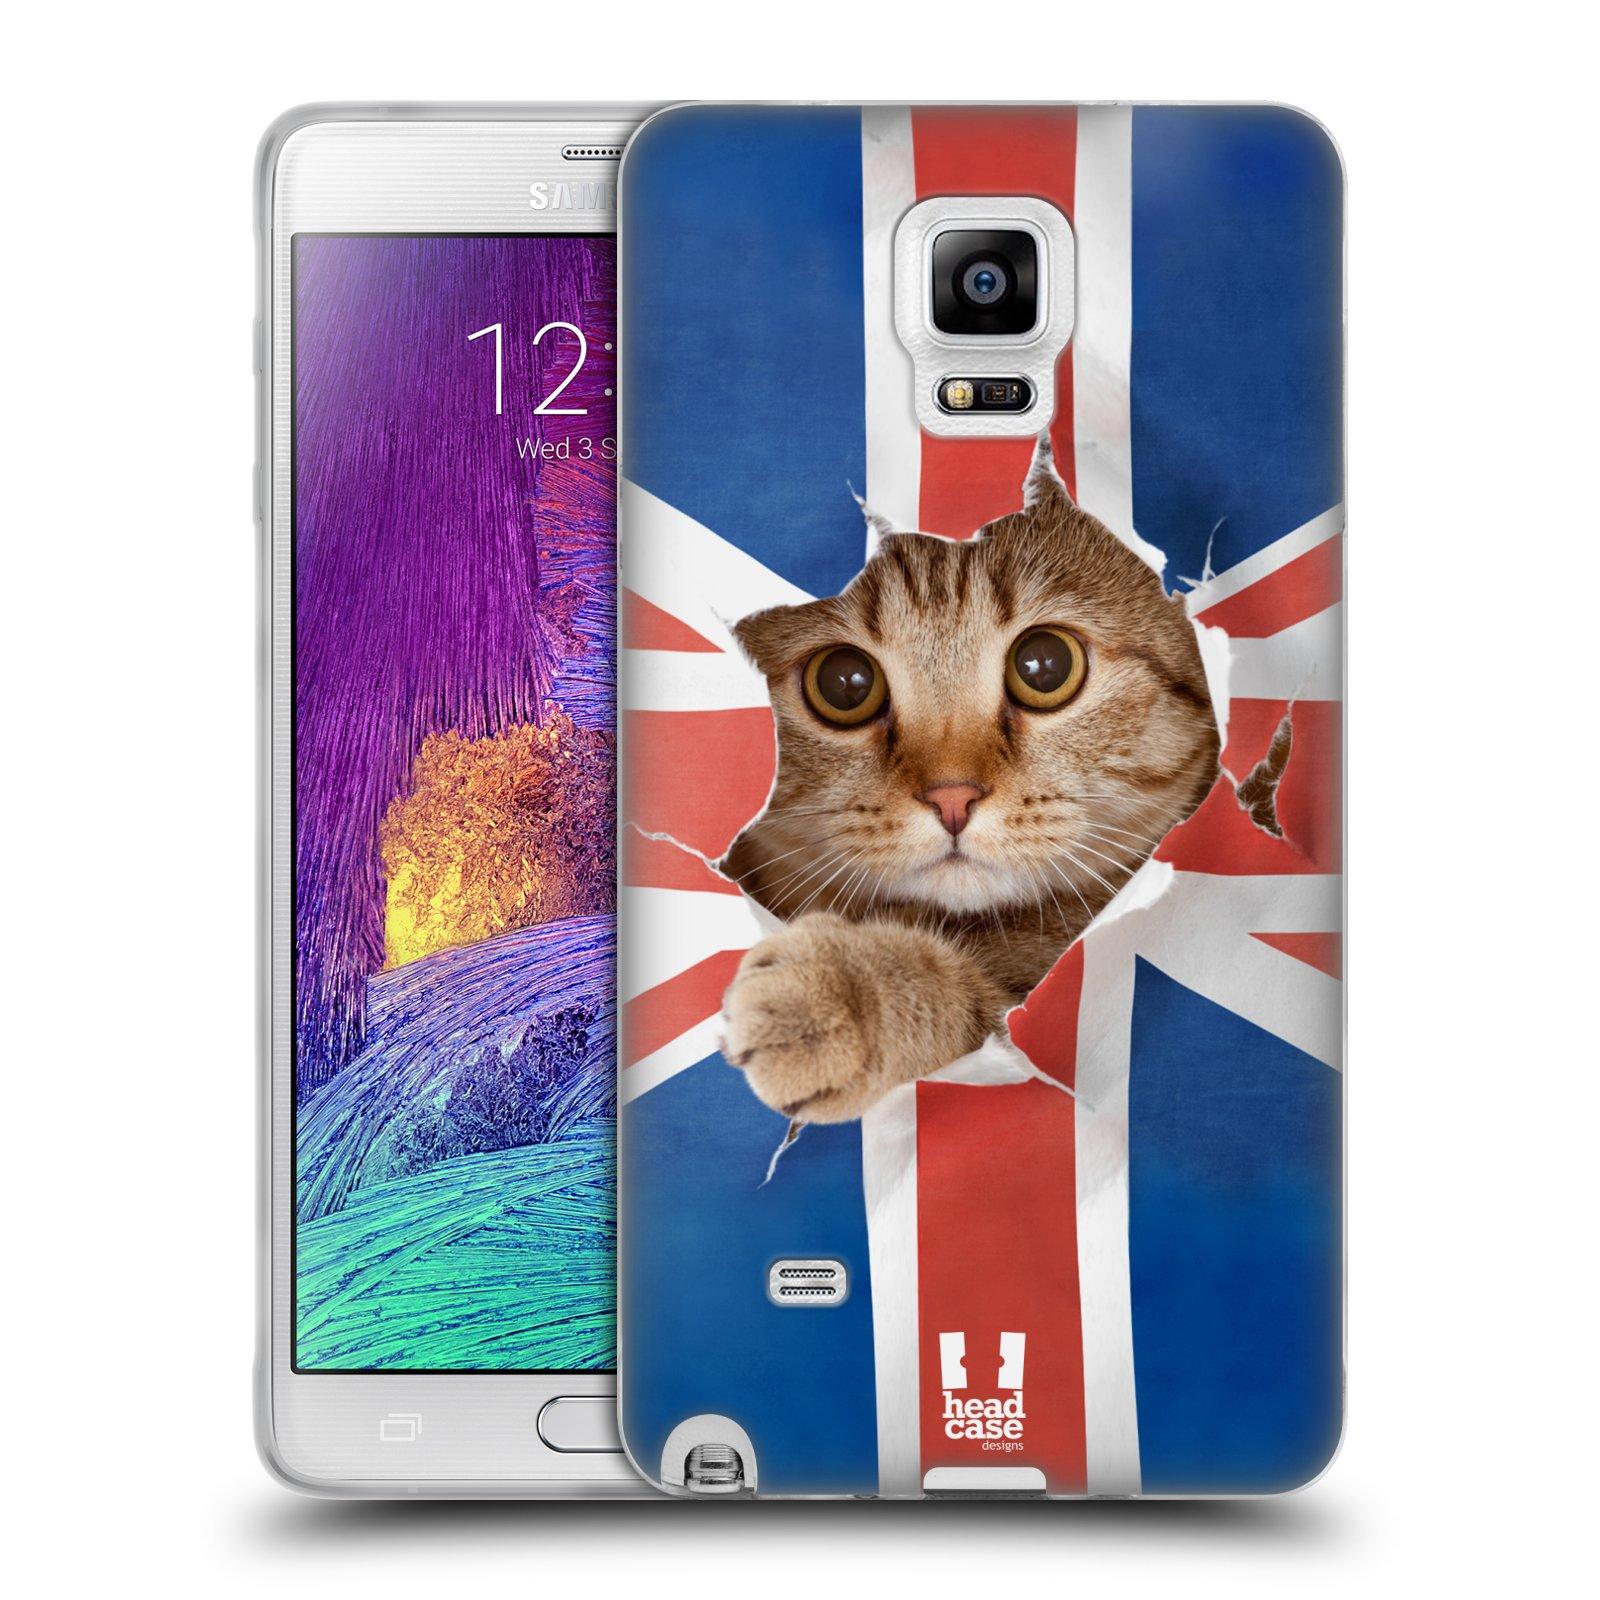 Silikonové pouzdro na mobil Samsung Galaxy Note 4 HEAD CASE KOČKA A VLAJKA (Silikonový kryt či obal na mobilní telefon Samsung Galaxy Note 4 SM-N910F)